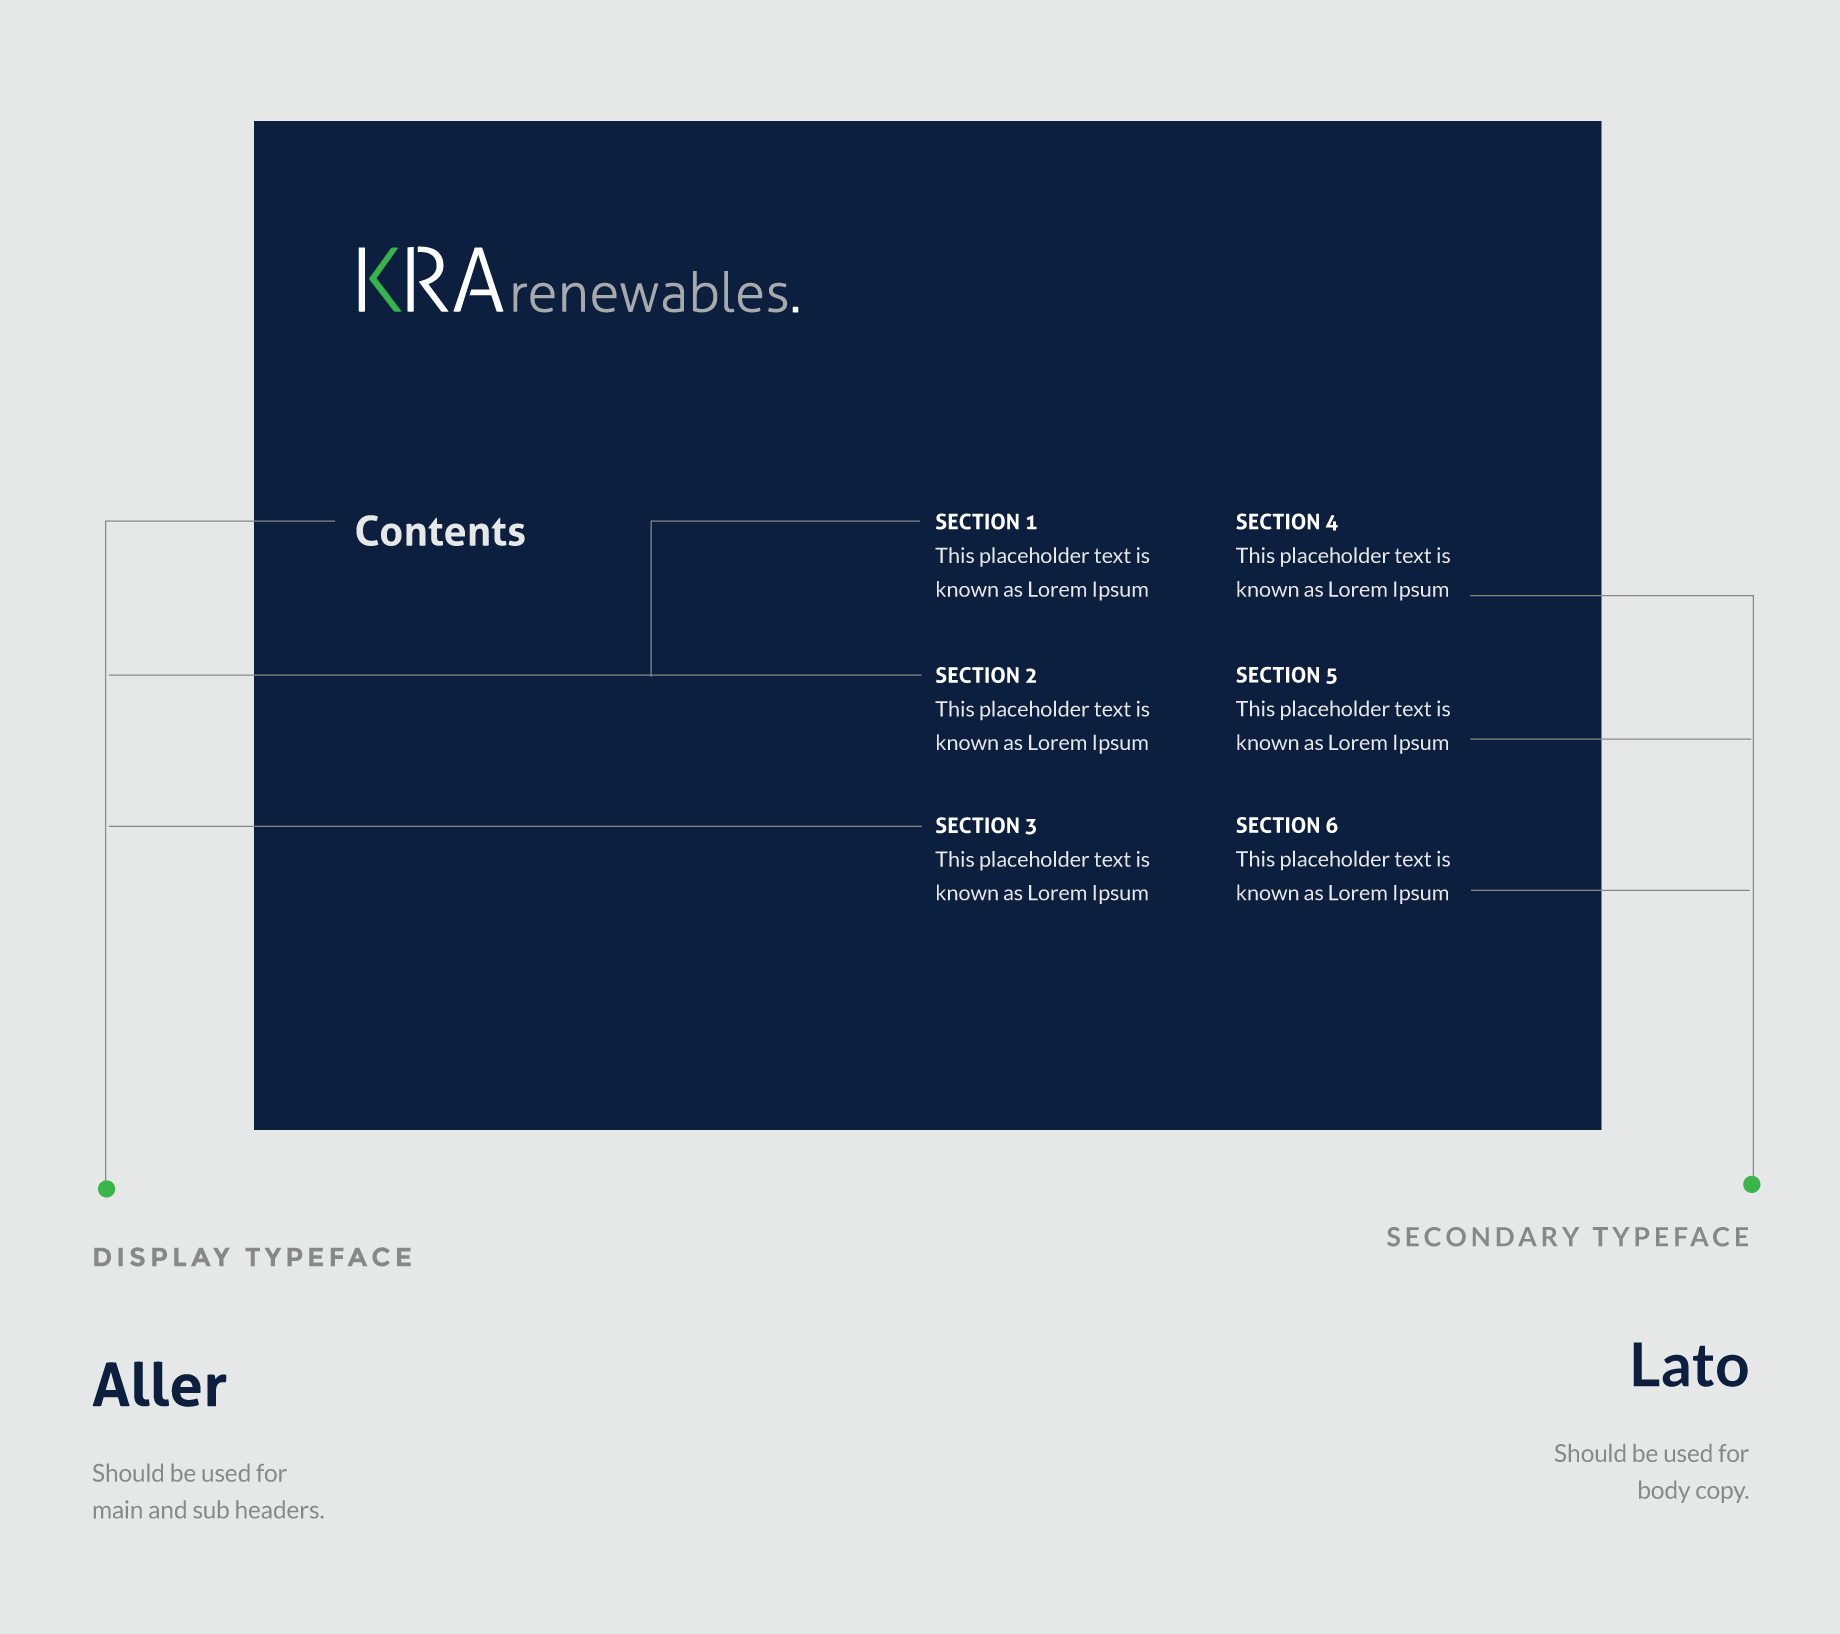 KRA-Font-Usage.jpg